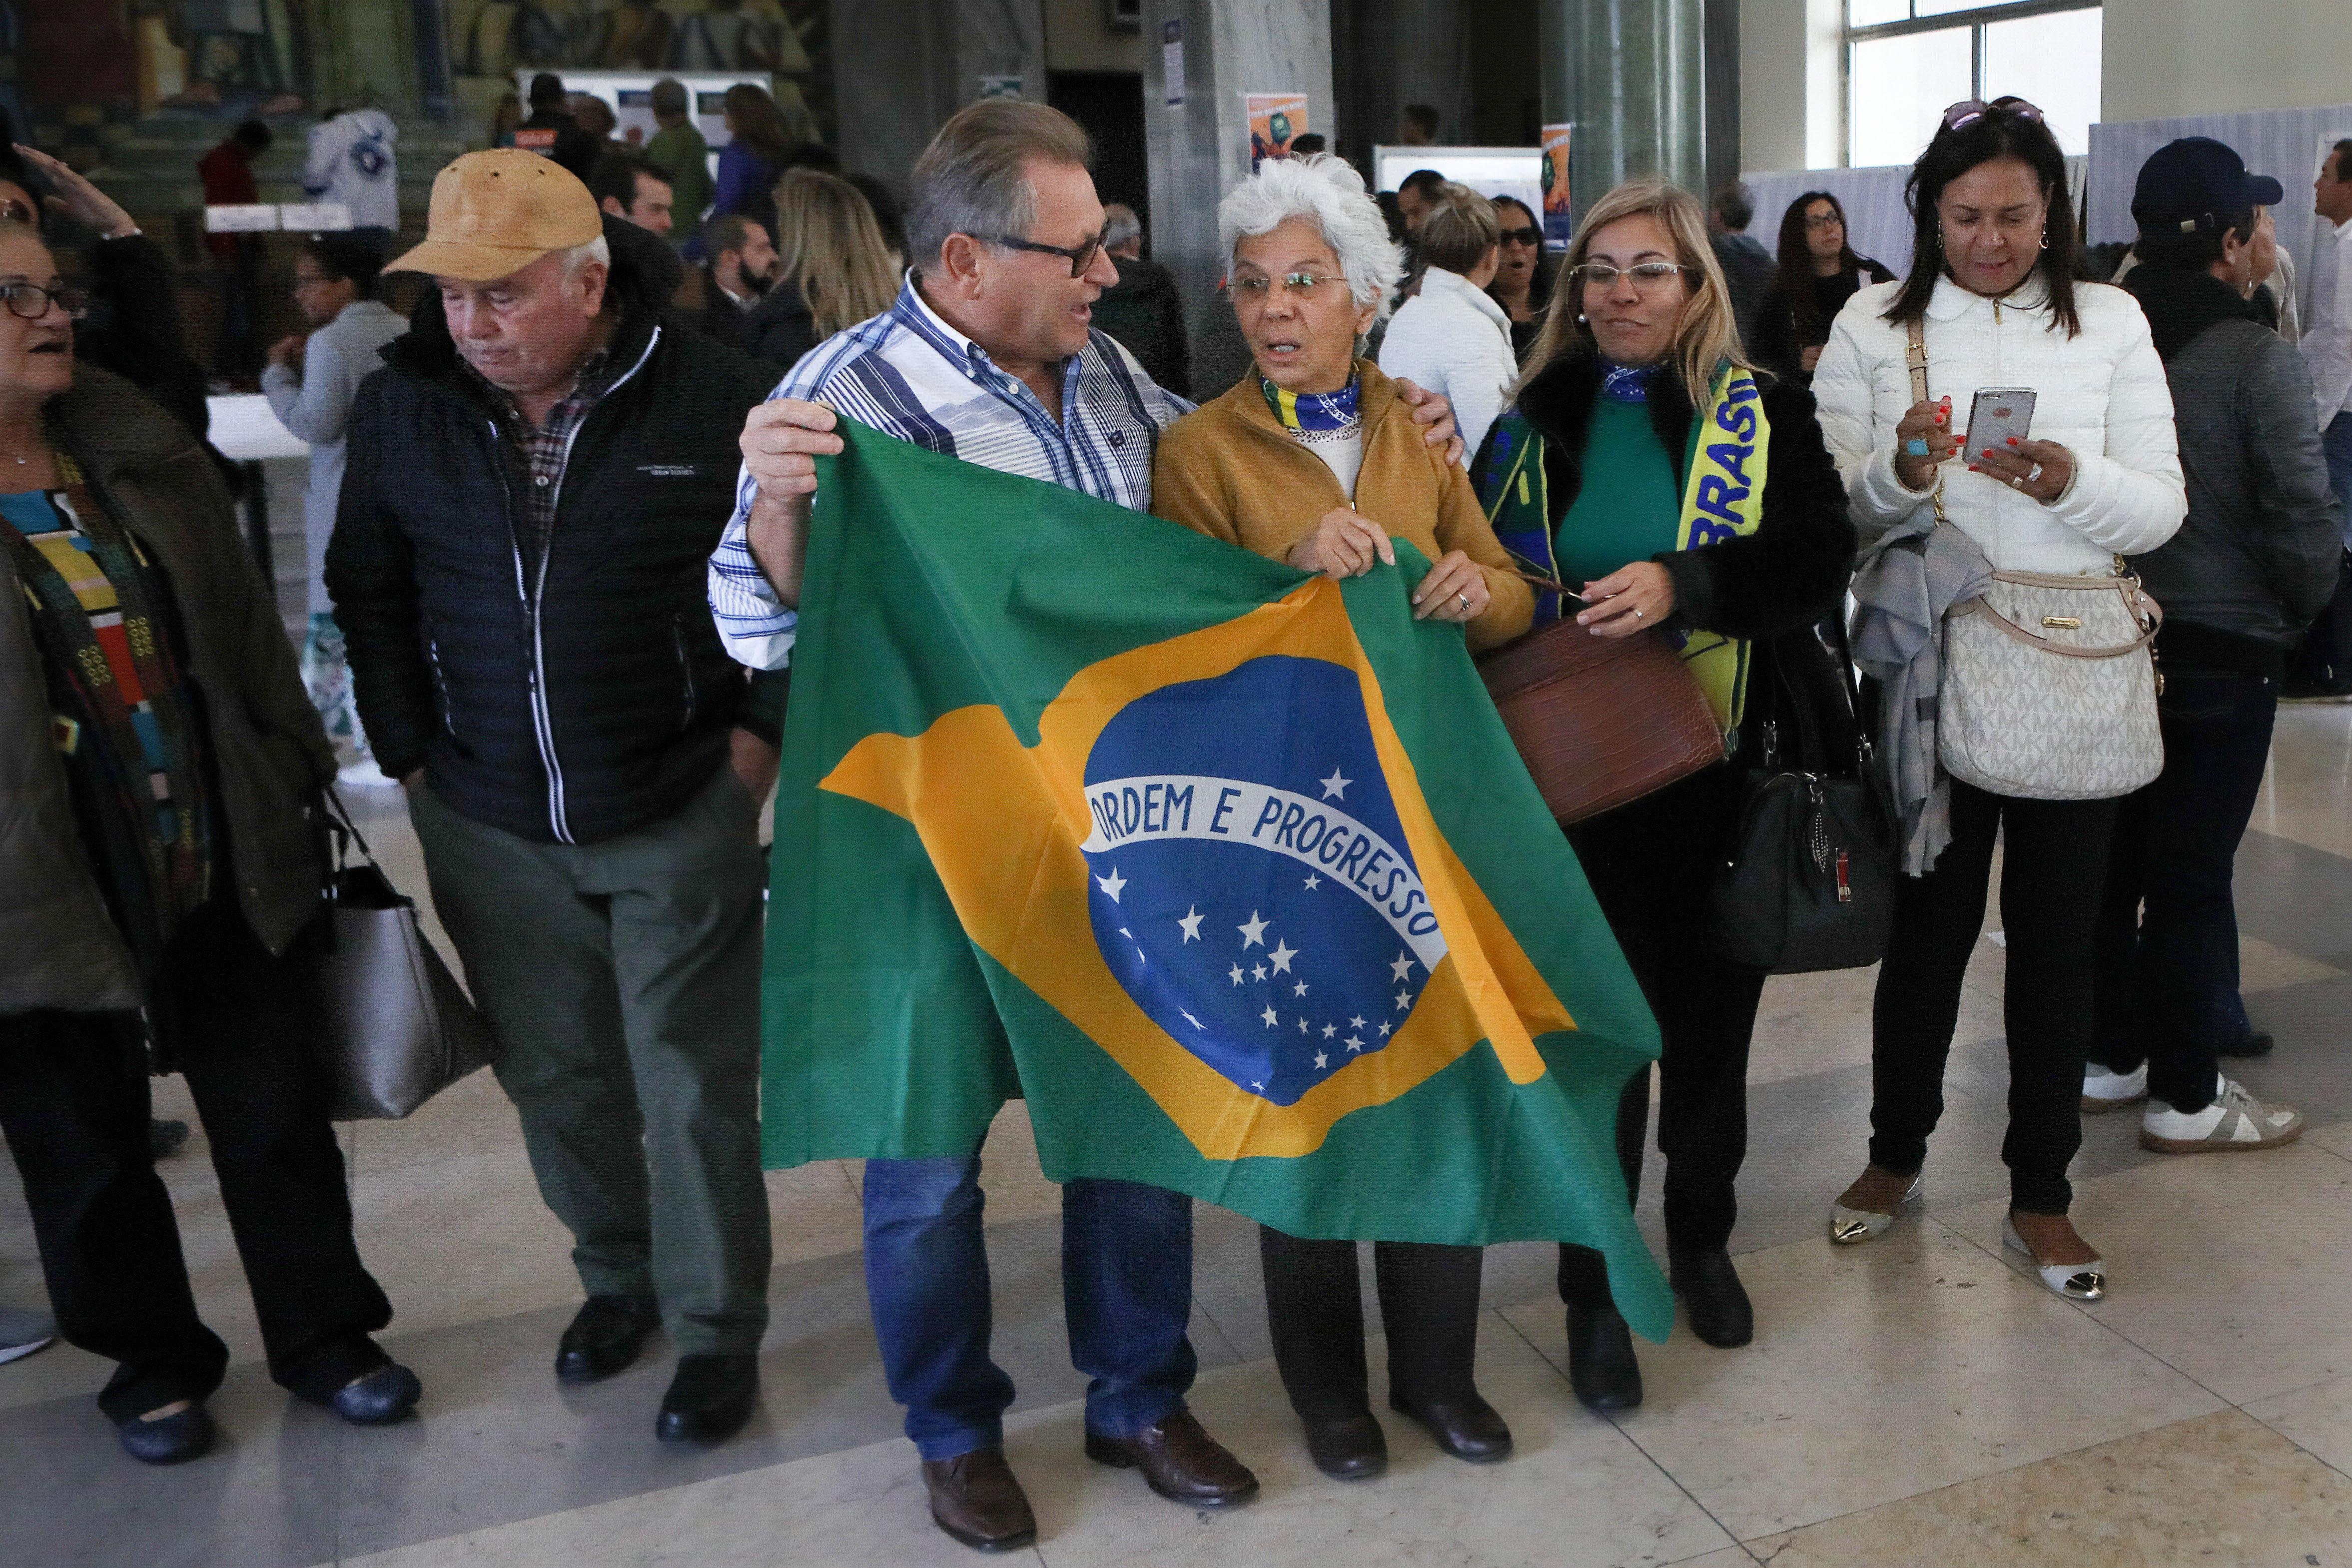 Imigração brasileira em Portugal crescente, após 100 dias de Bolsonaro